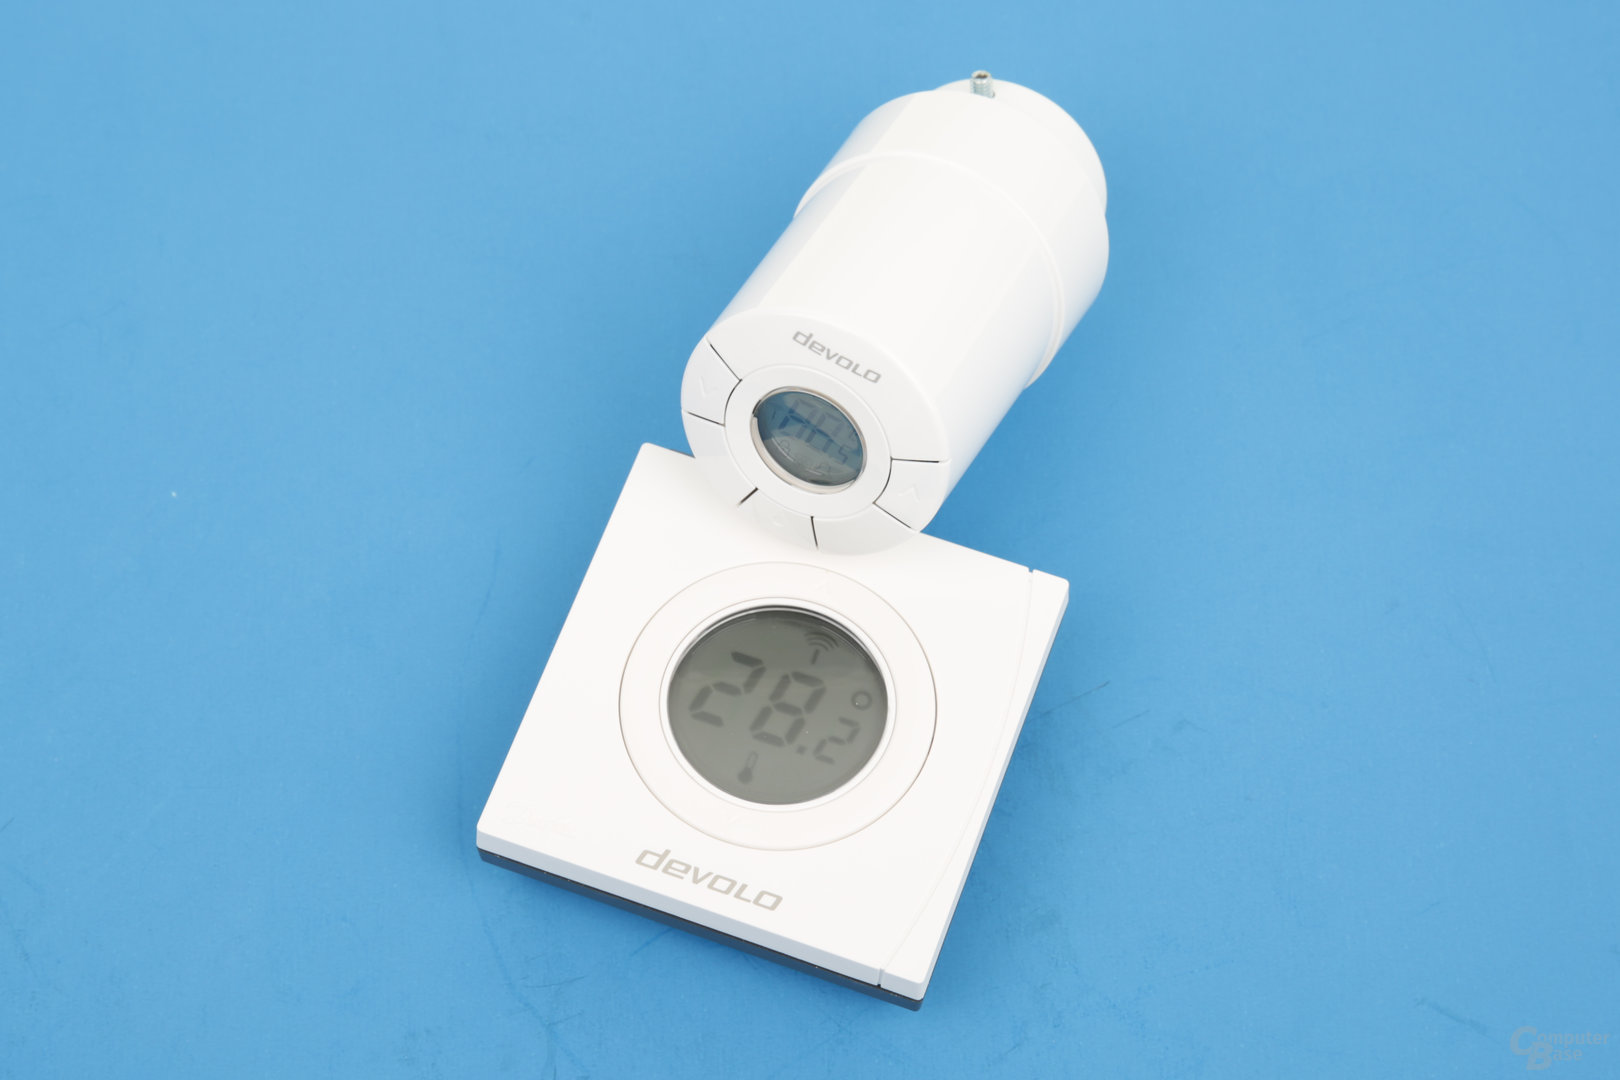 Devolo Home Control im Test: Einfaches und erweiterbares